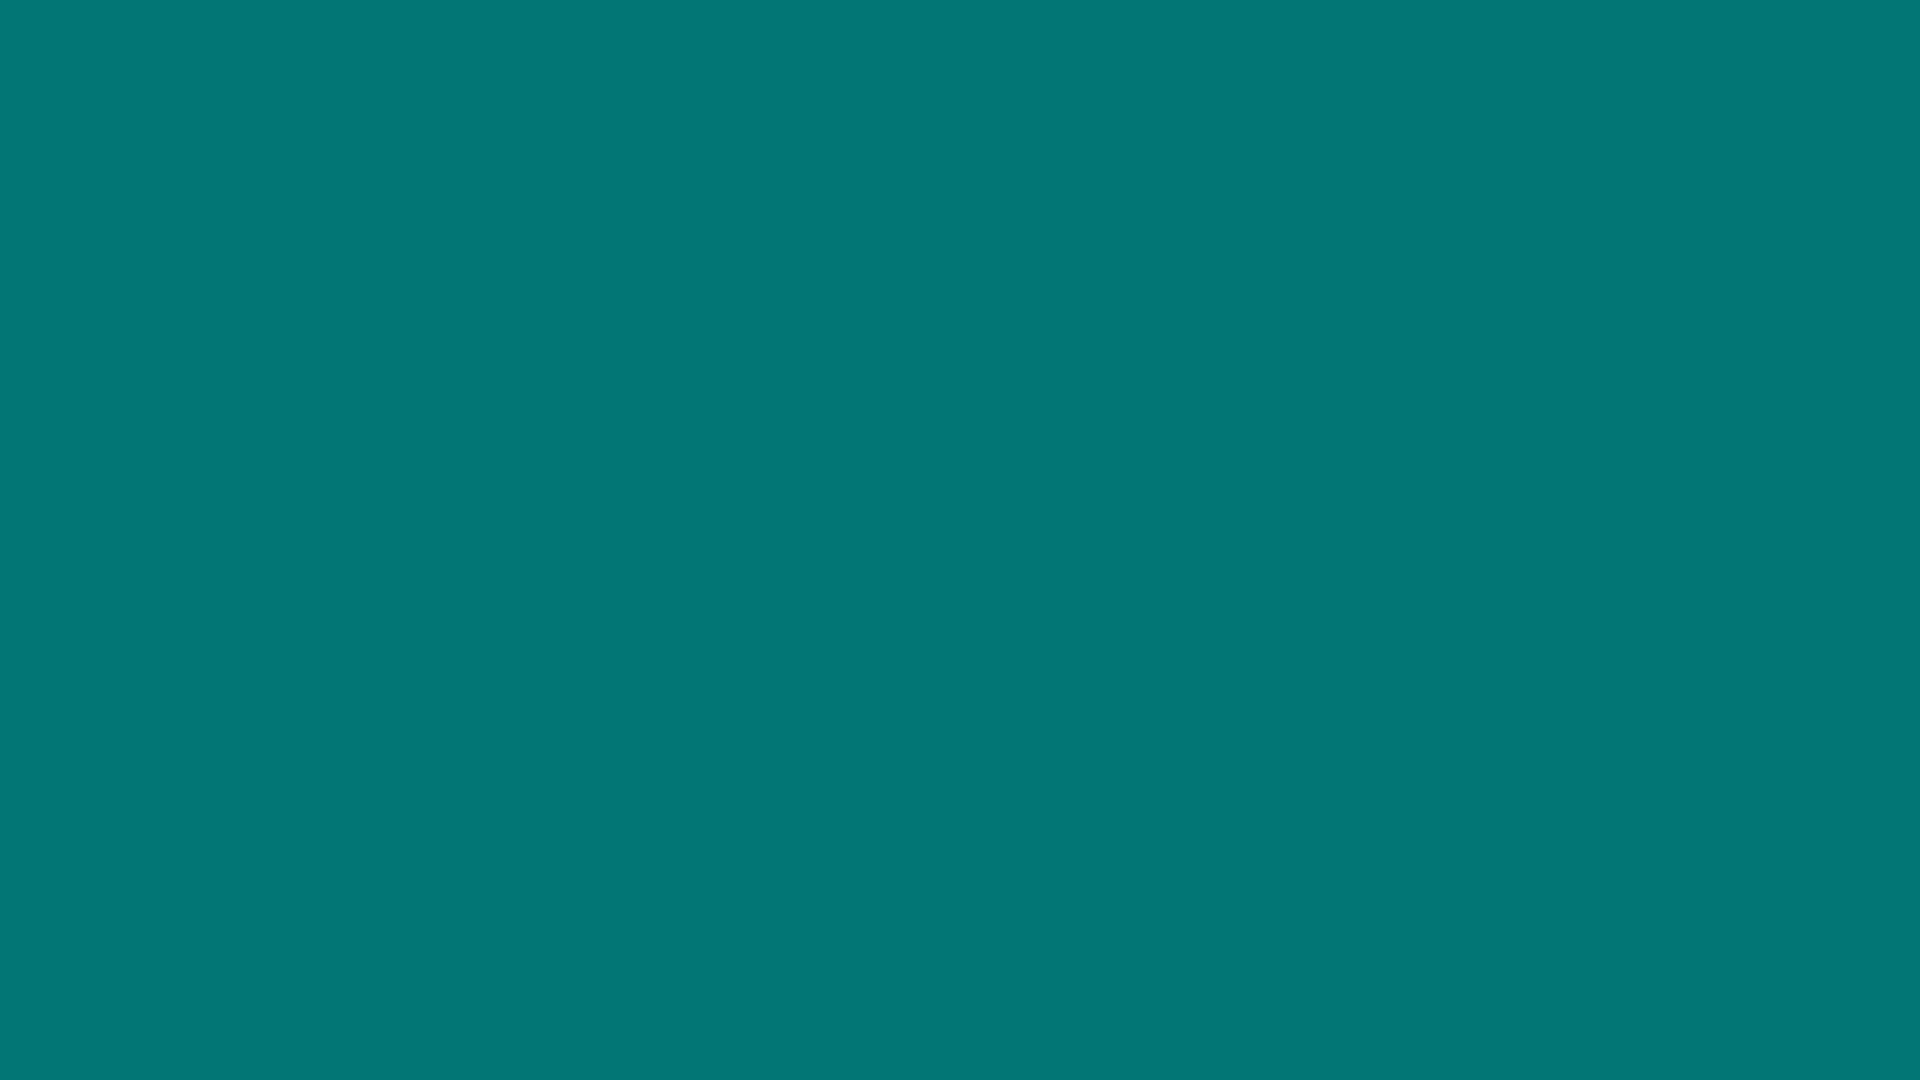 [공지] SNUAC 박사논문작성지원사업 공모